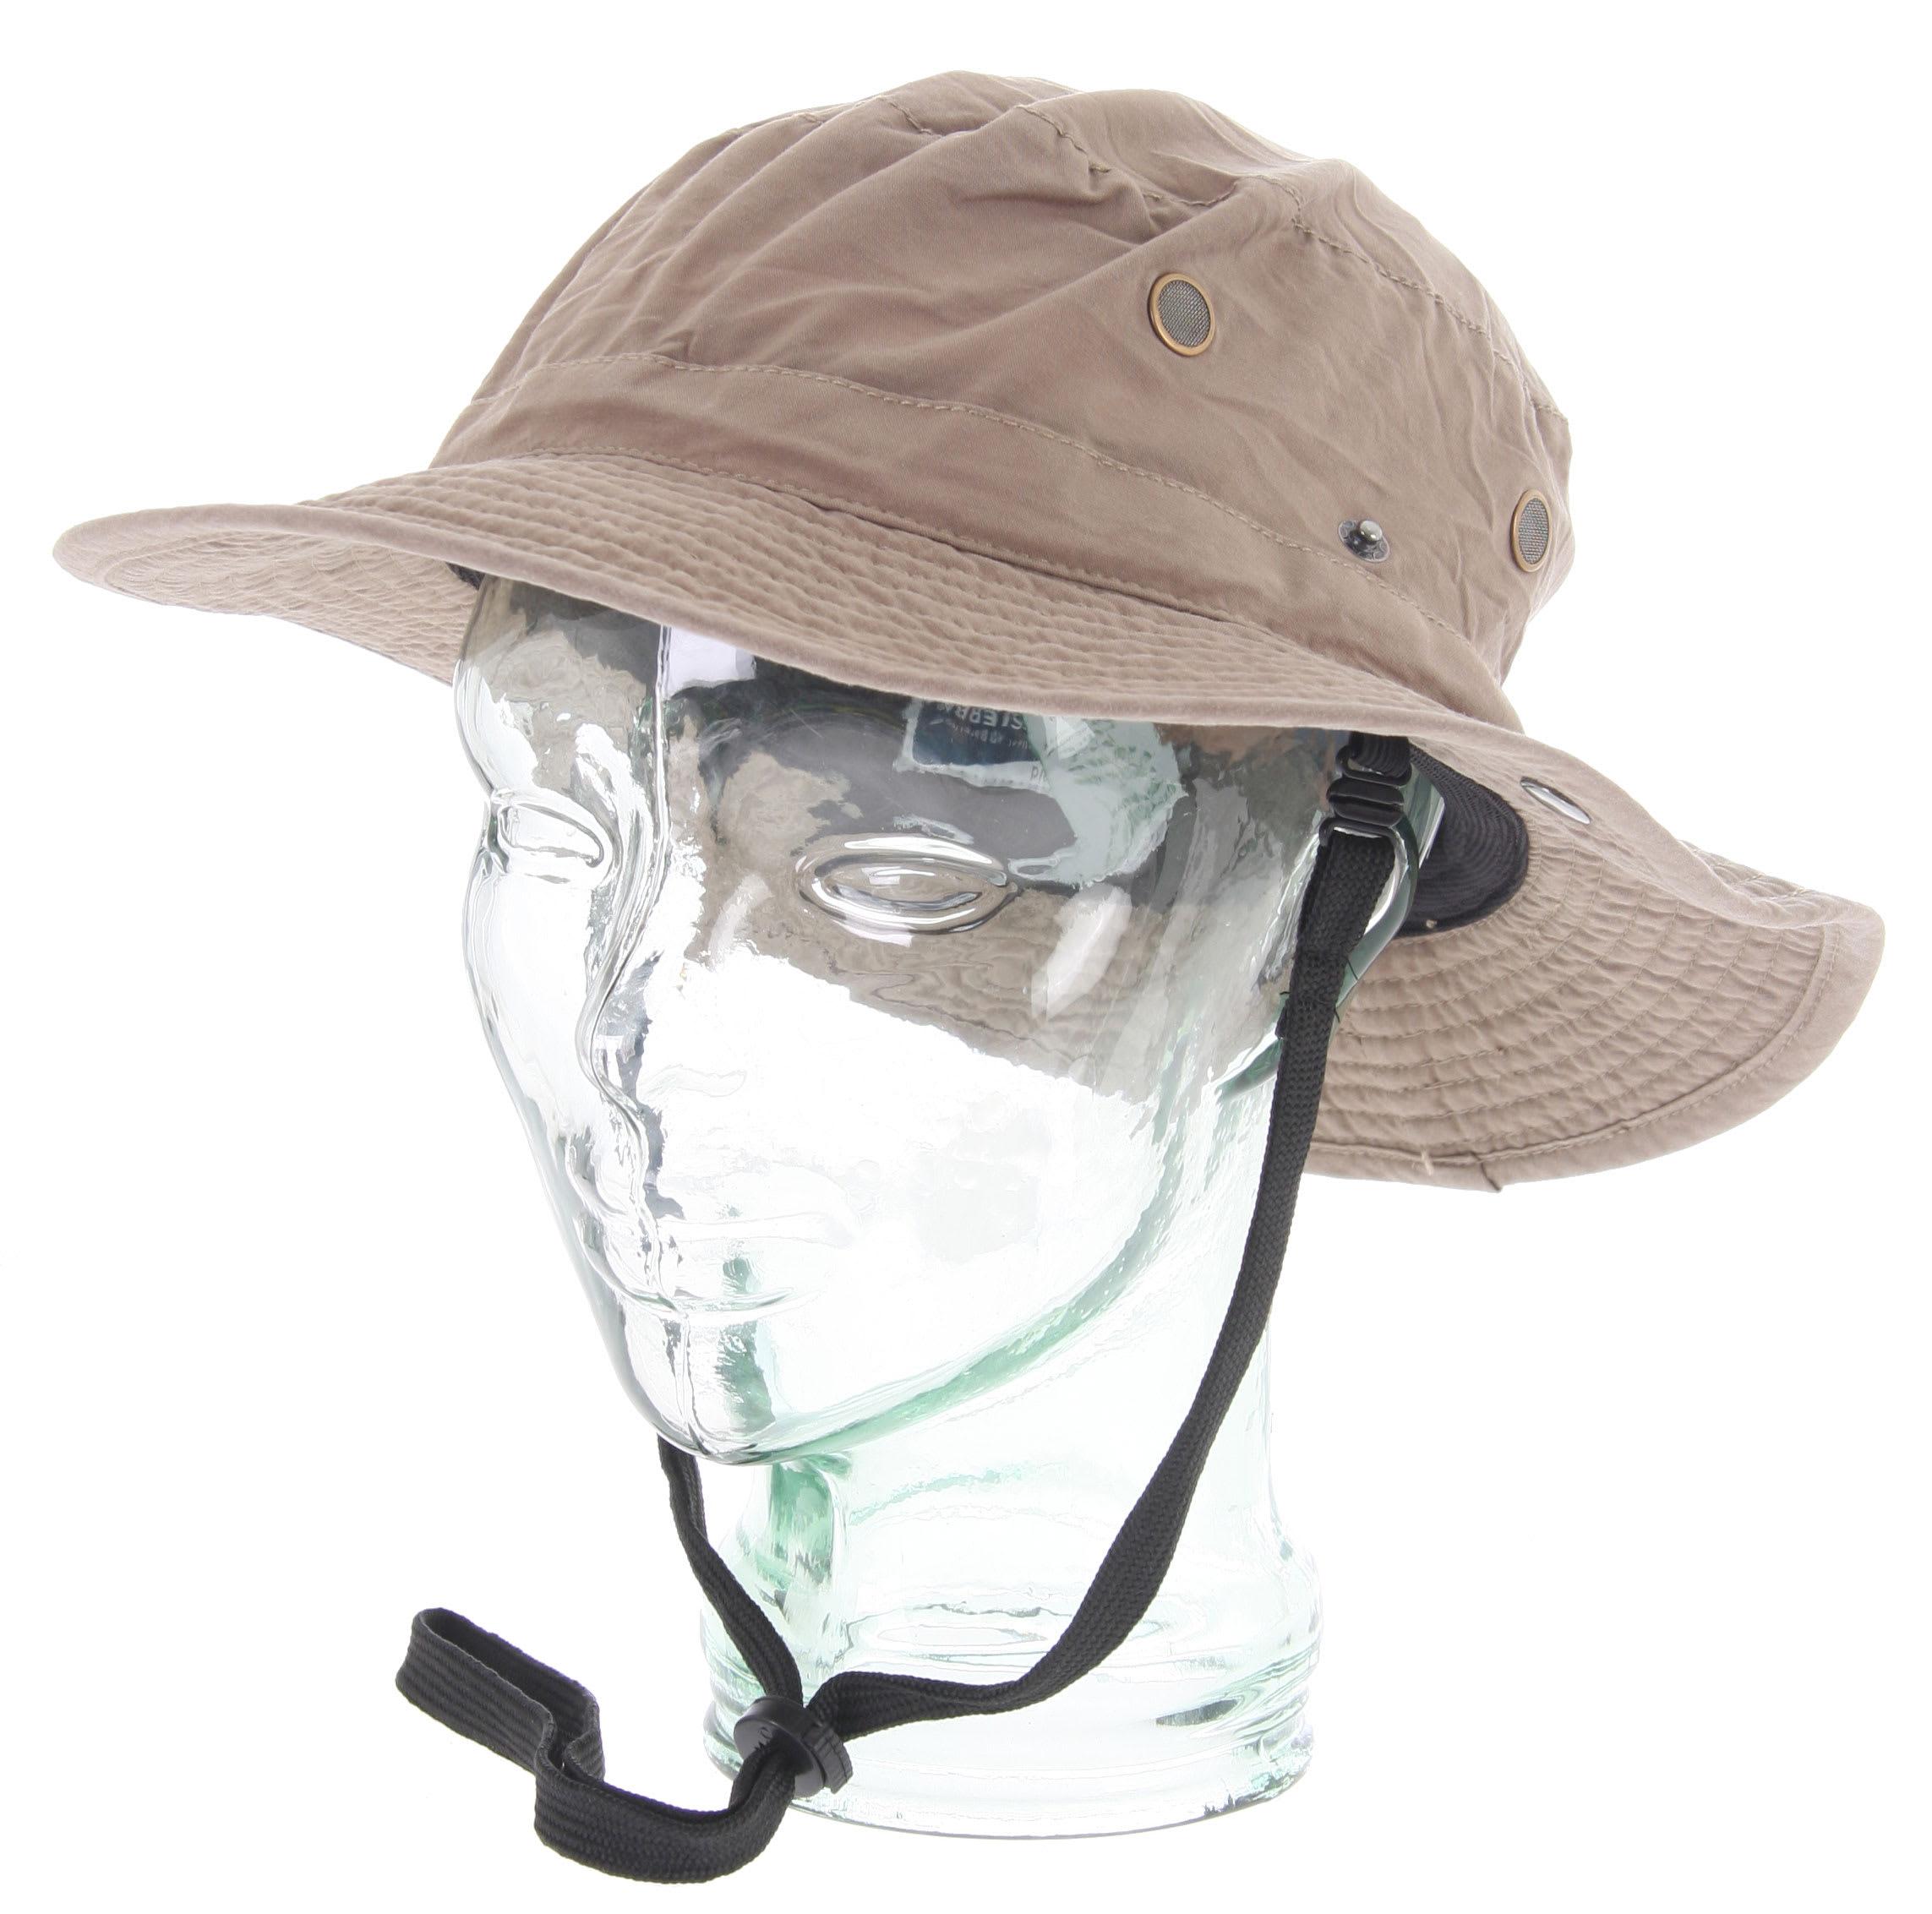 1e0225c26f9544 White Sierra Mens Bug Free Brim Hat Christmas Supplies